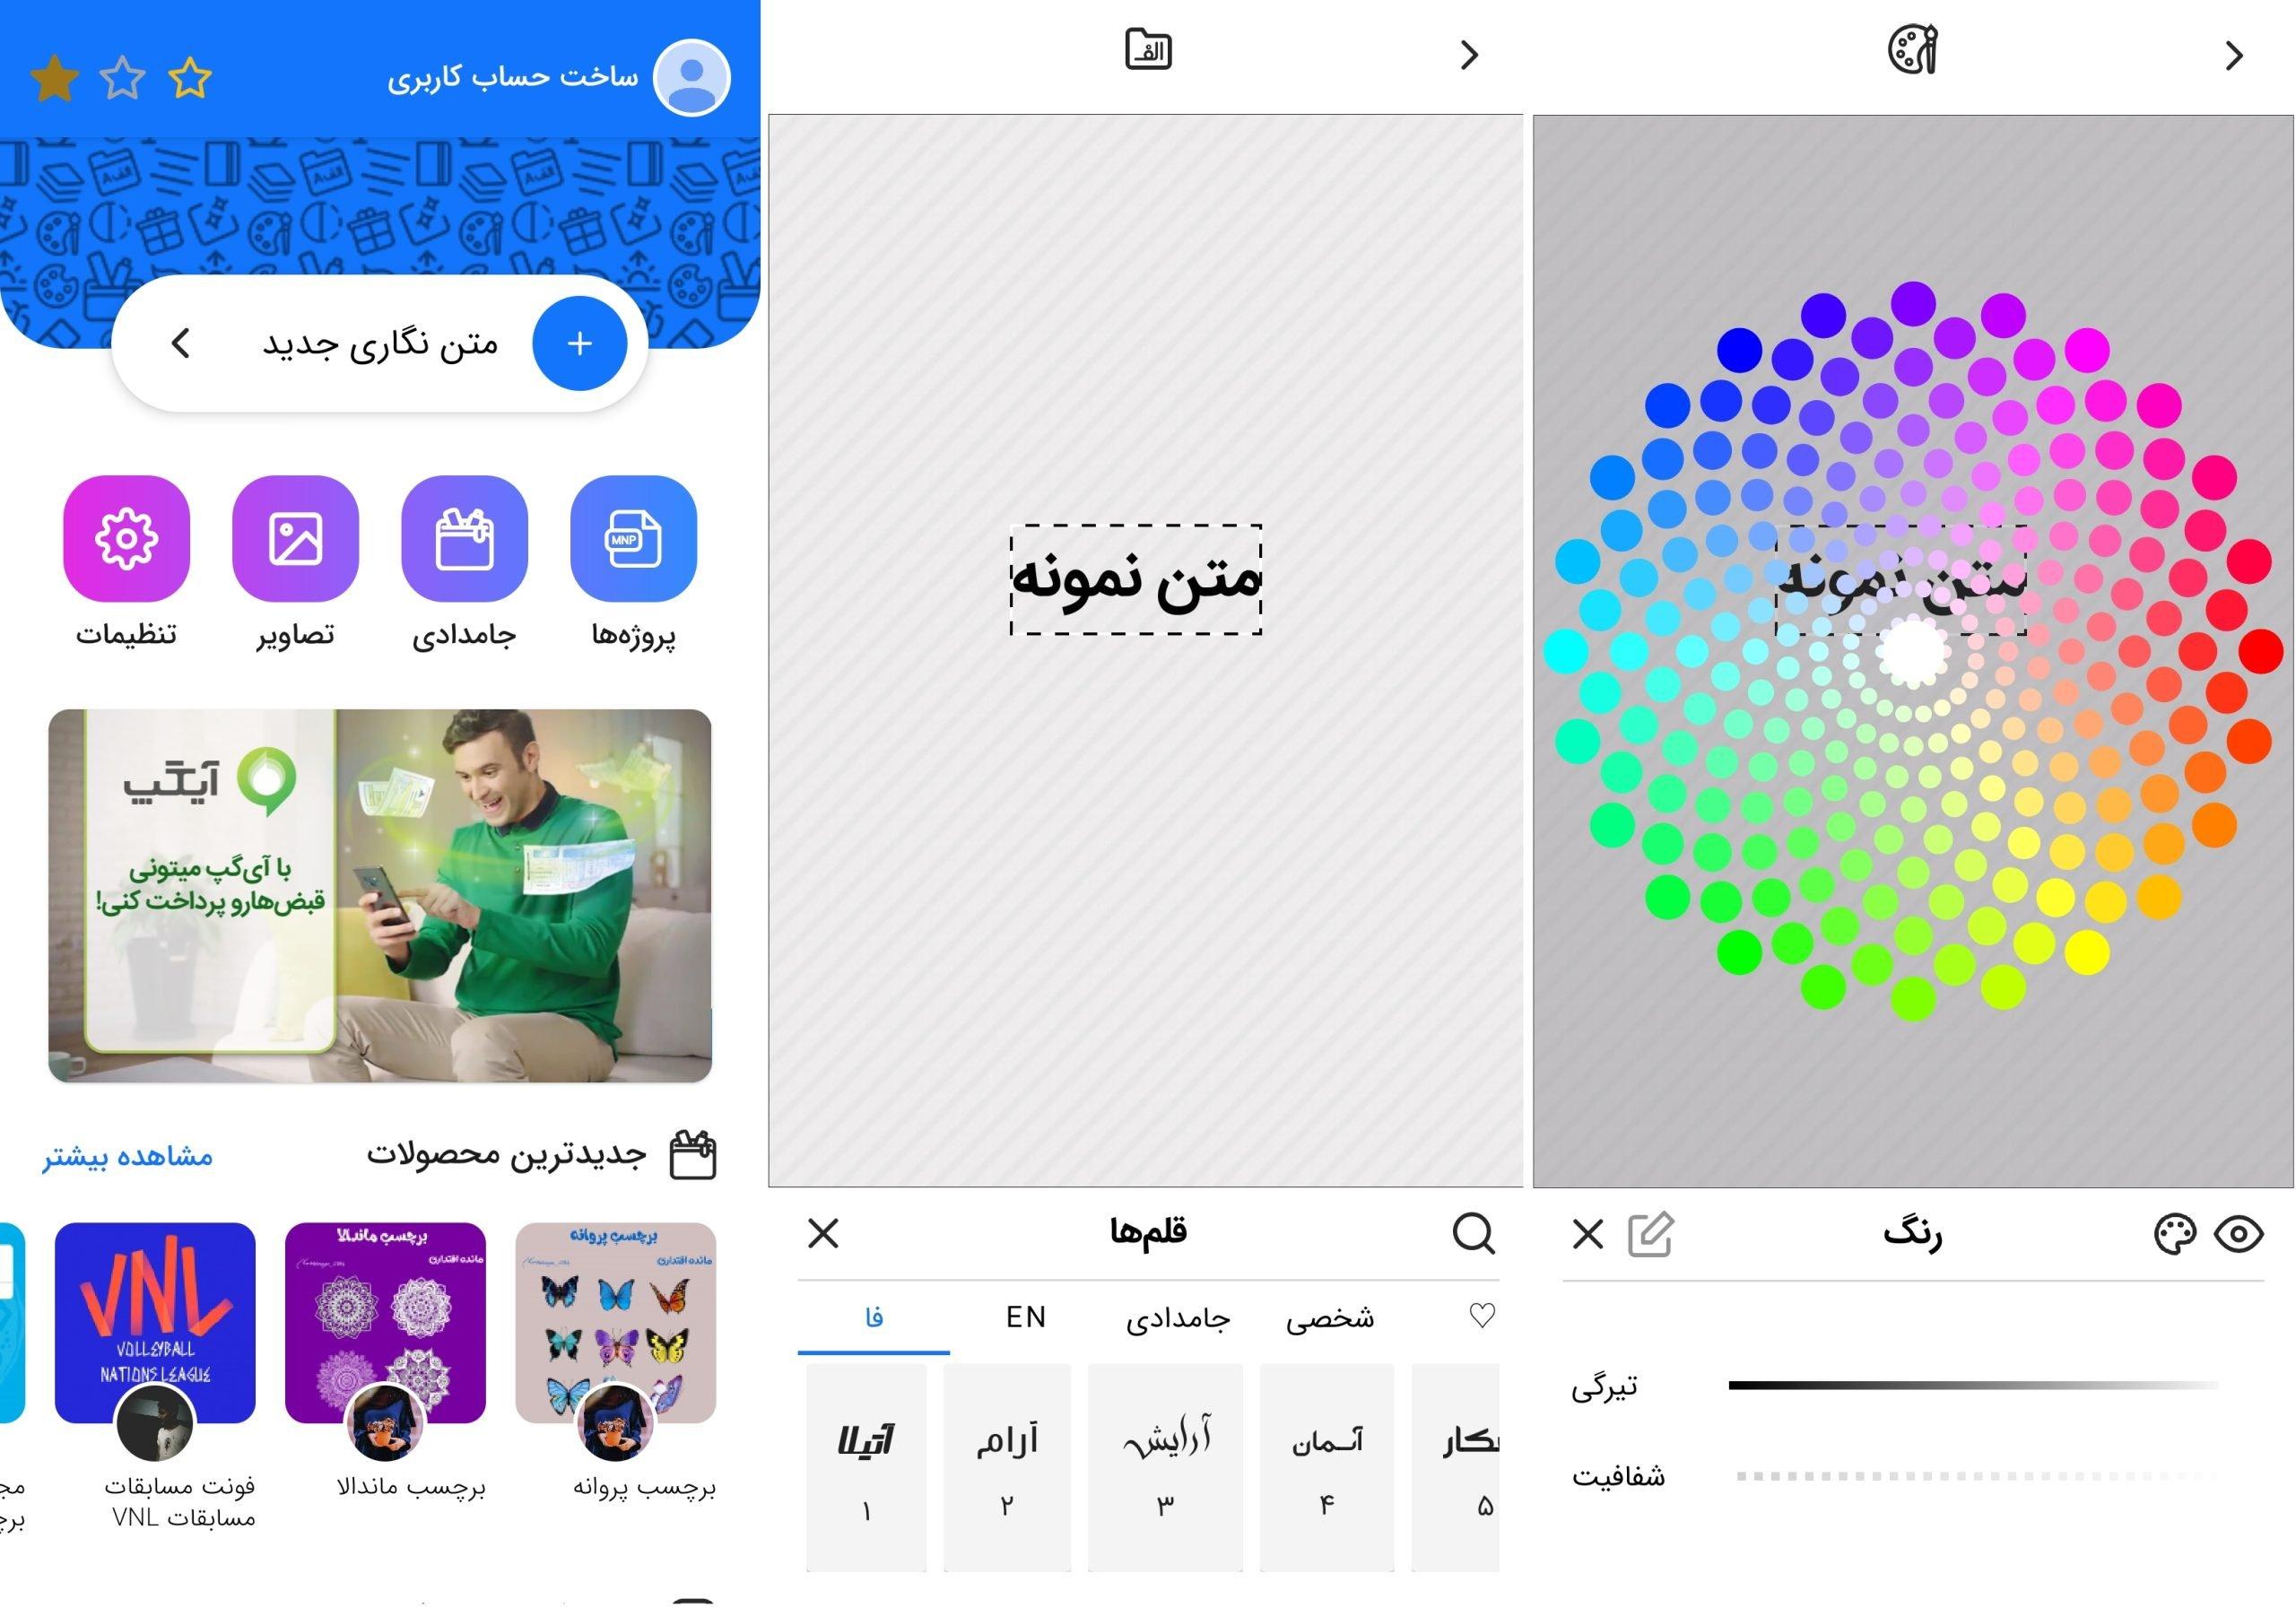 معرفی اپلیکیشن متن نگار؛ دستیار حرفهای ساخت عکسنوشته